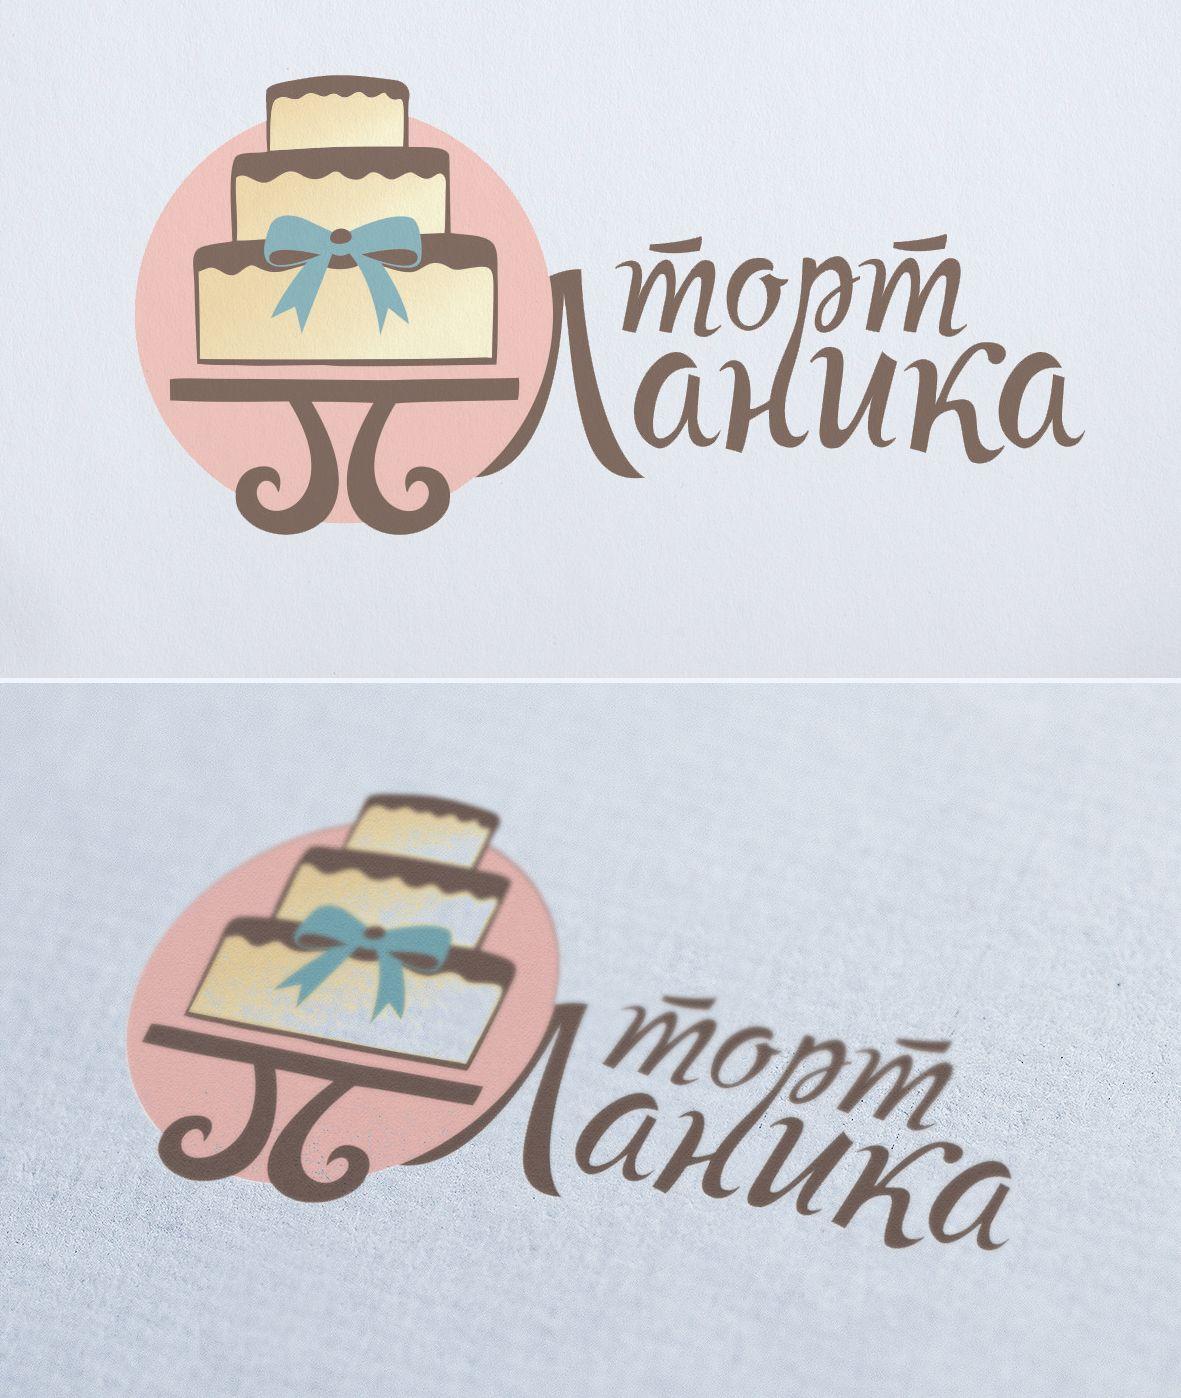 Лого ИМ тортов,пирожных и печенья ручной работы - дизайнер LisaTaiga